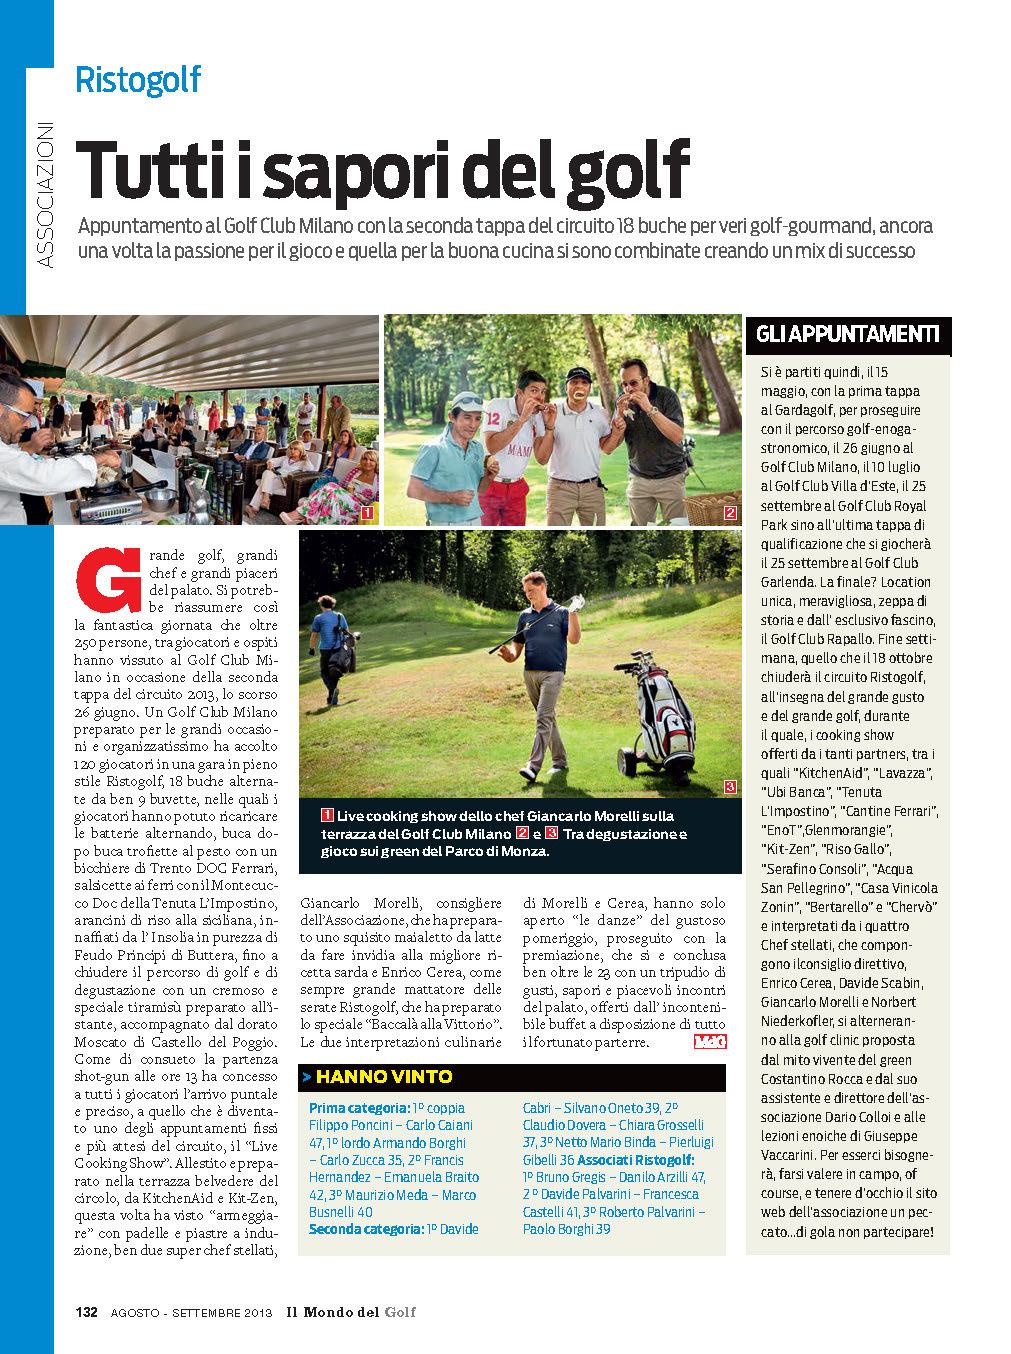 Il Mondo del Golf - Settembre 2013